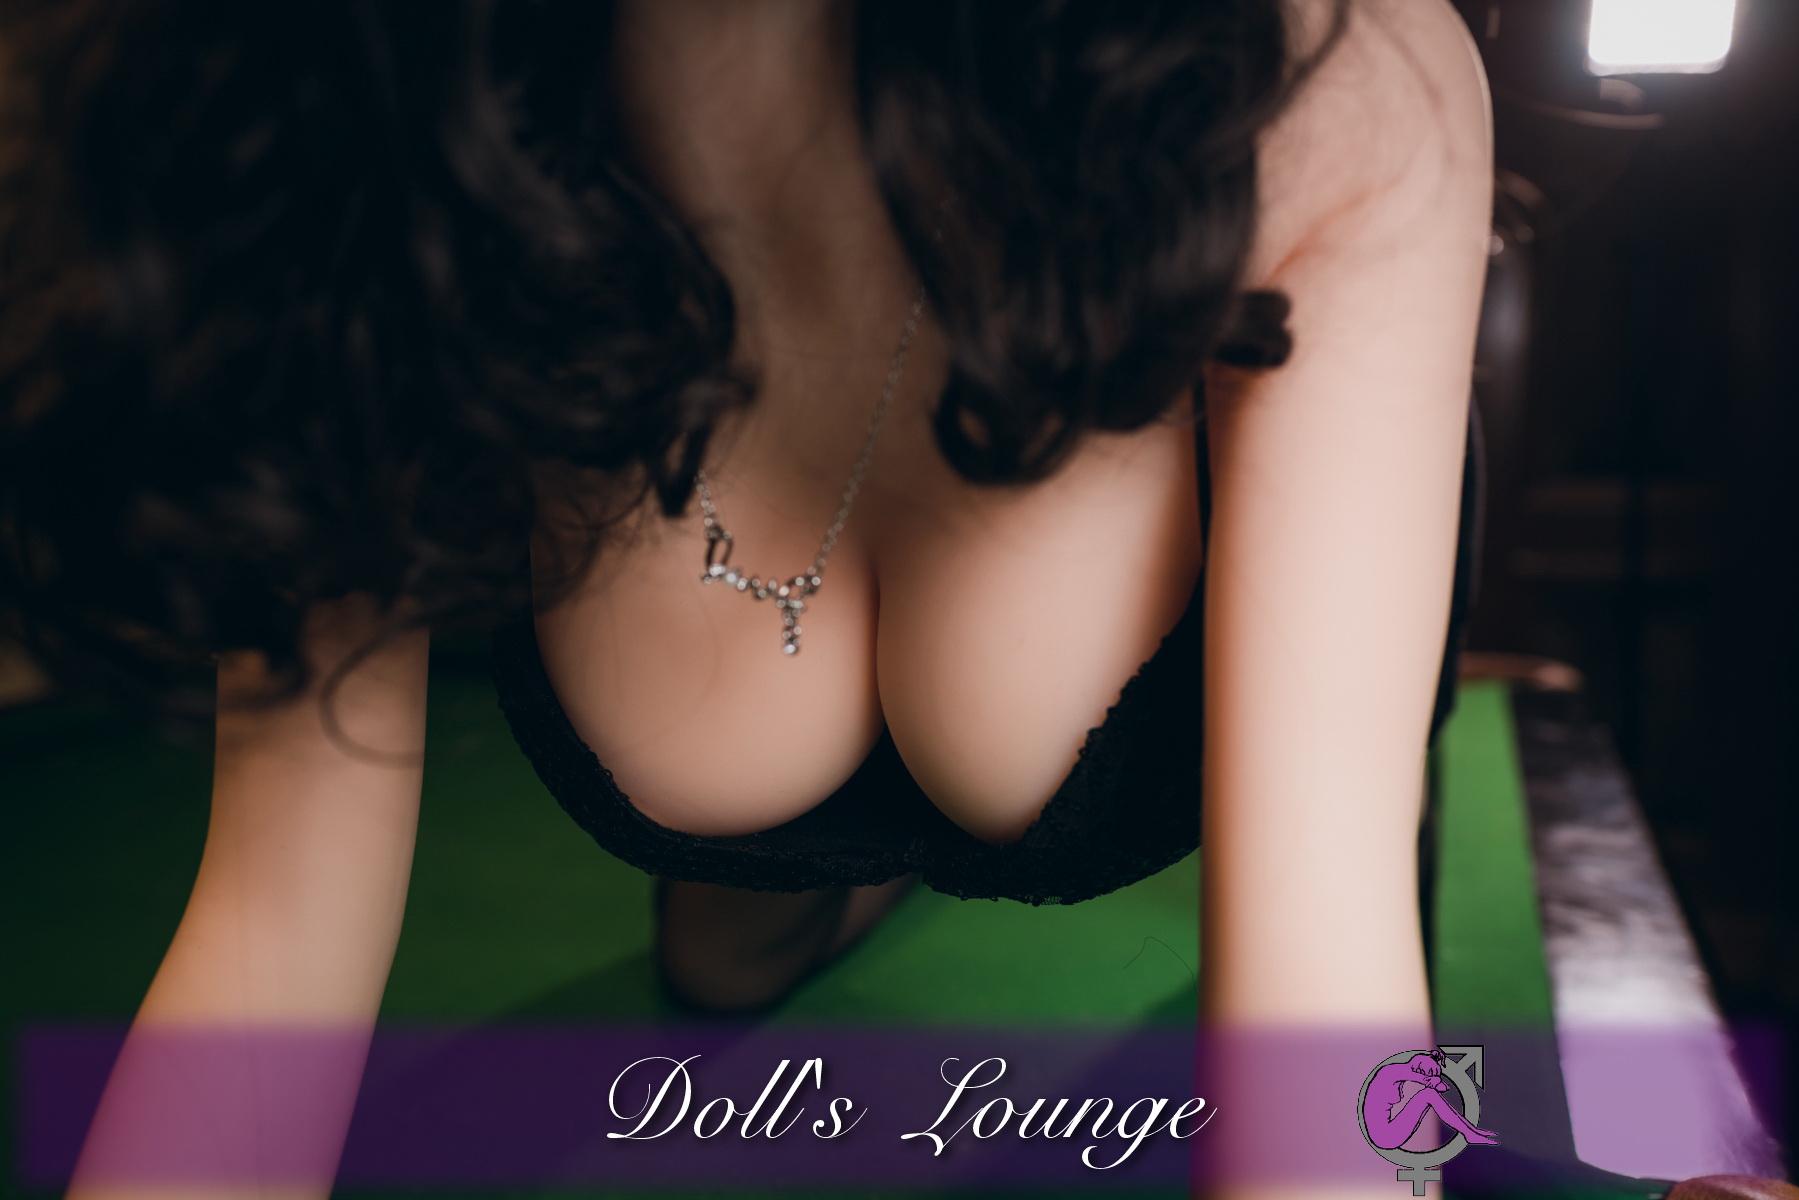 Premium Liebespuppe von Dollslounge kaufen